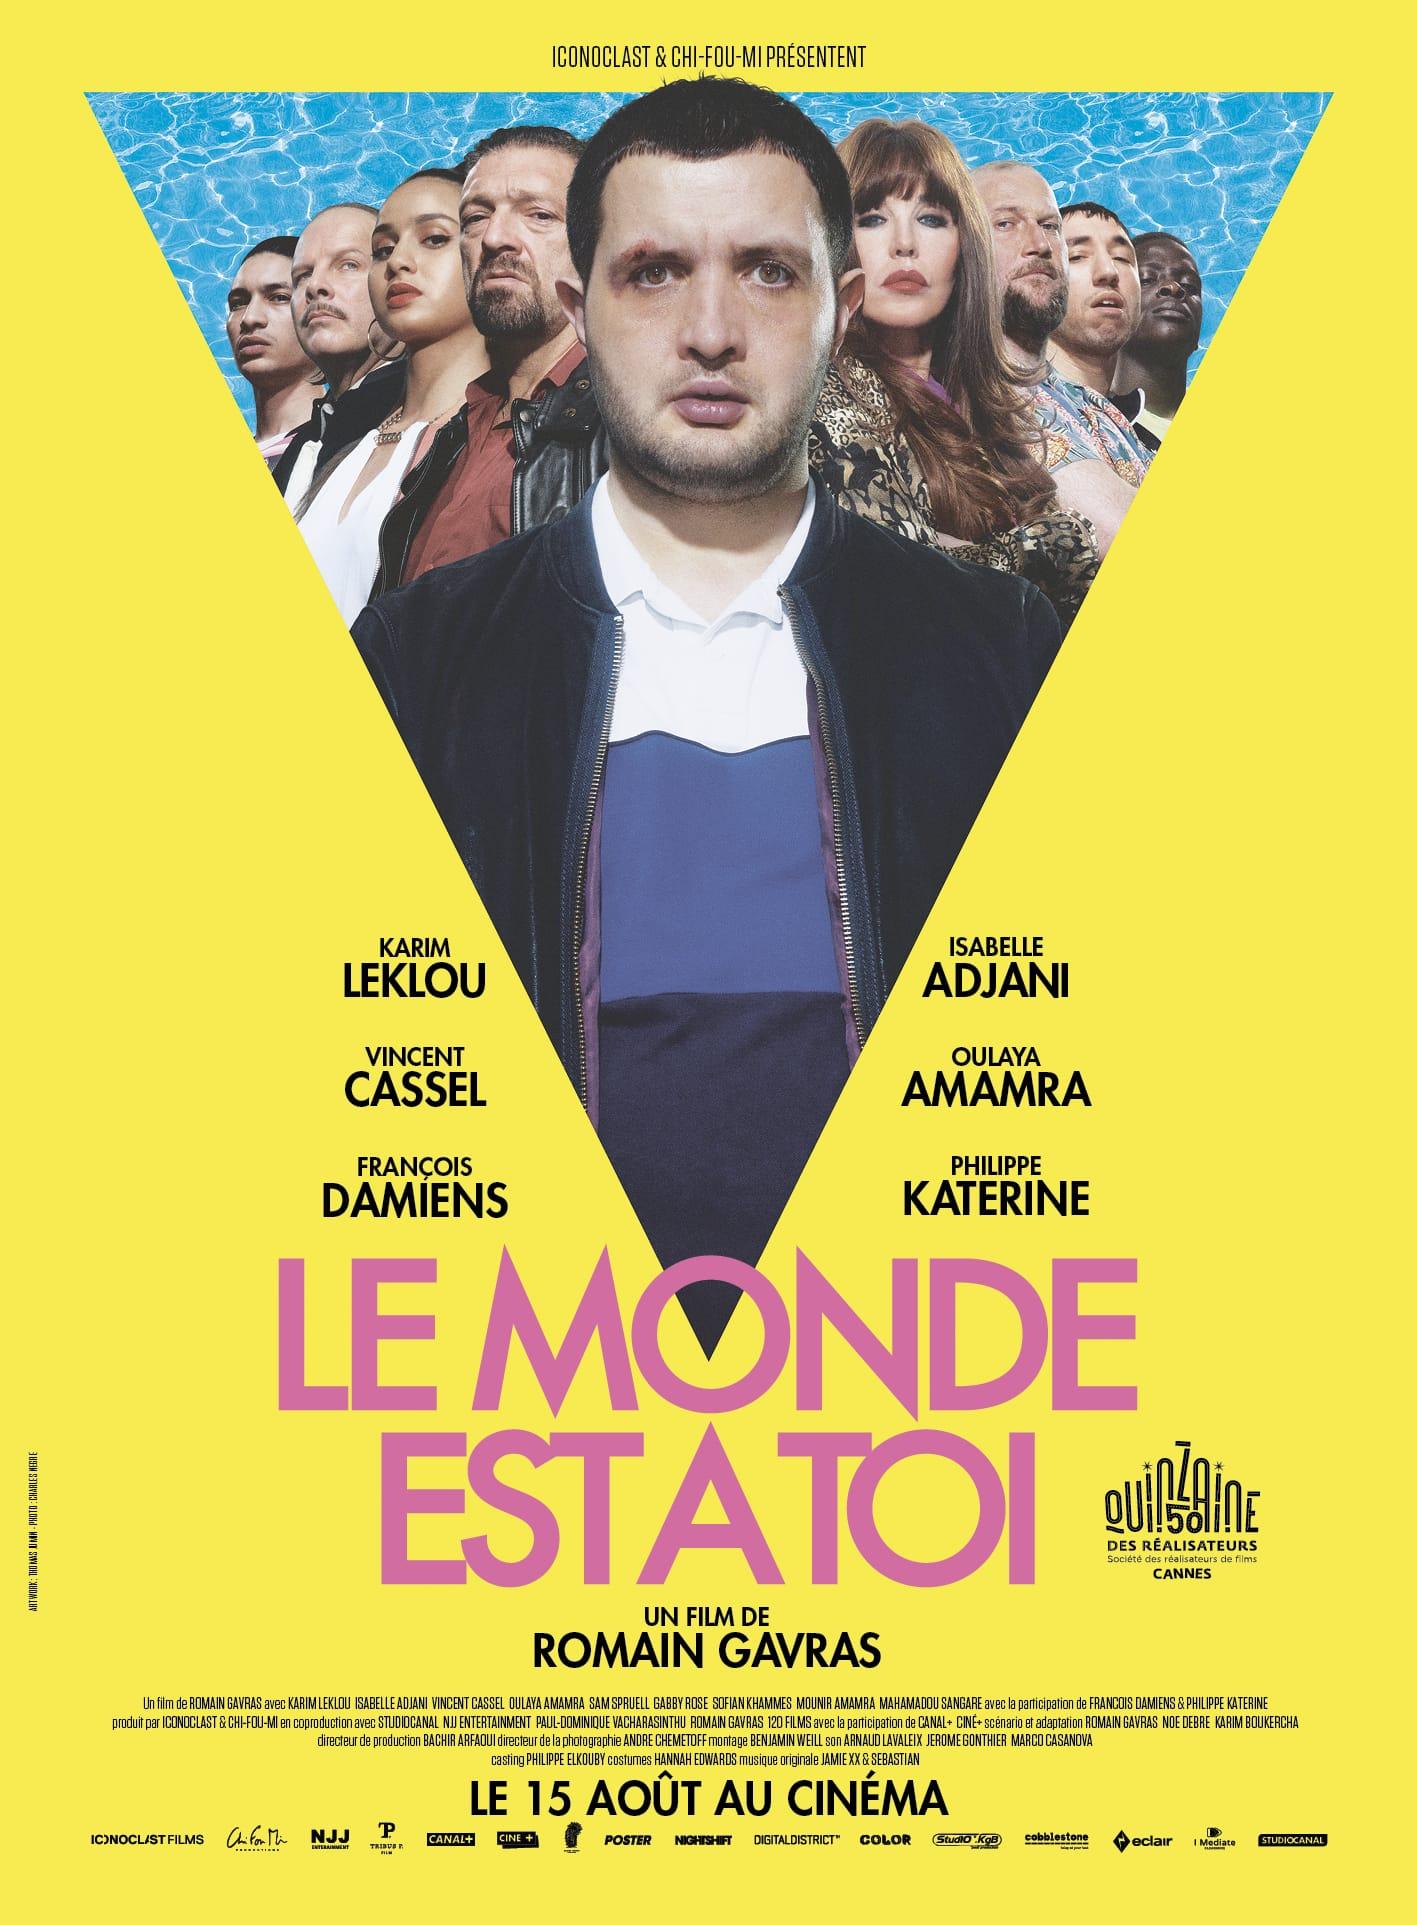 LE_MONDE EST A TOI de Romain Gravas AFFICHE